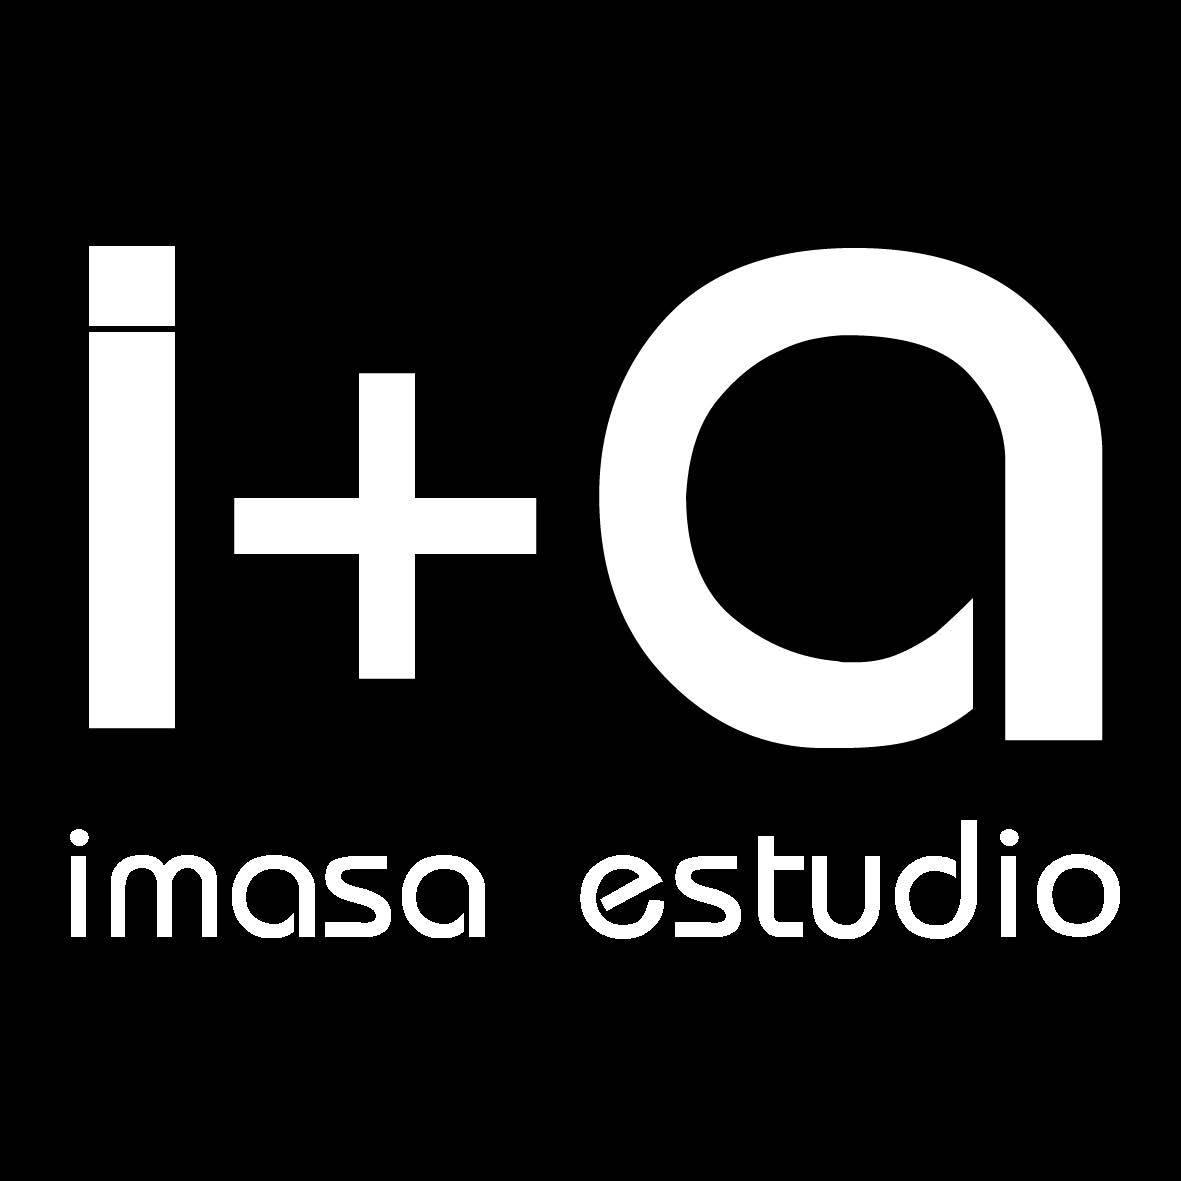 Imasa Estudio Y Proyectos